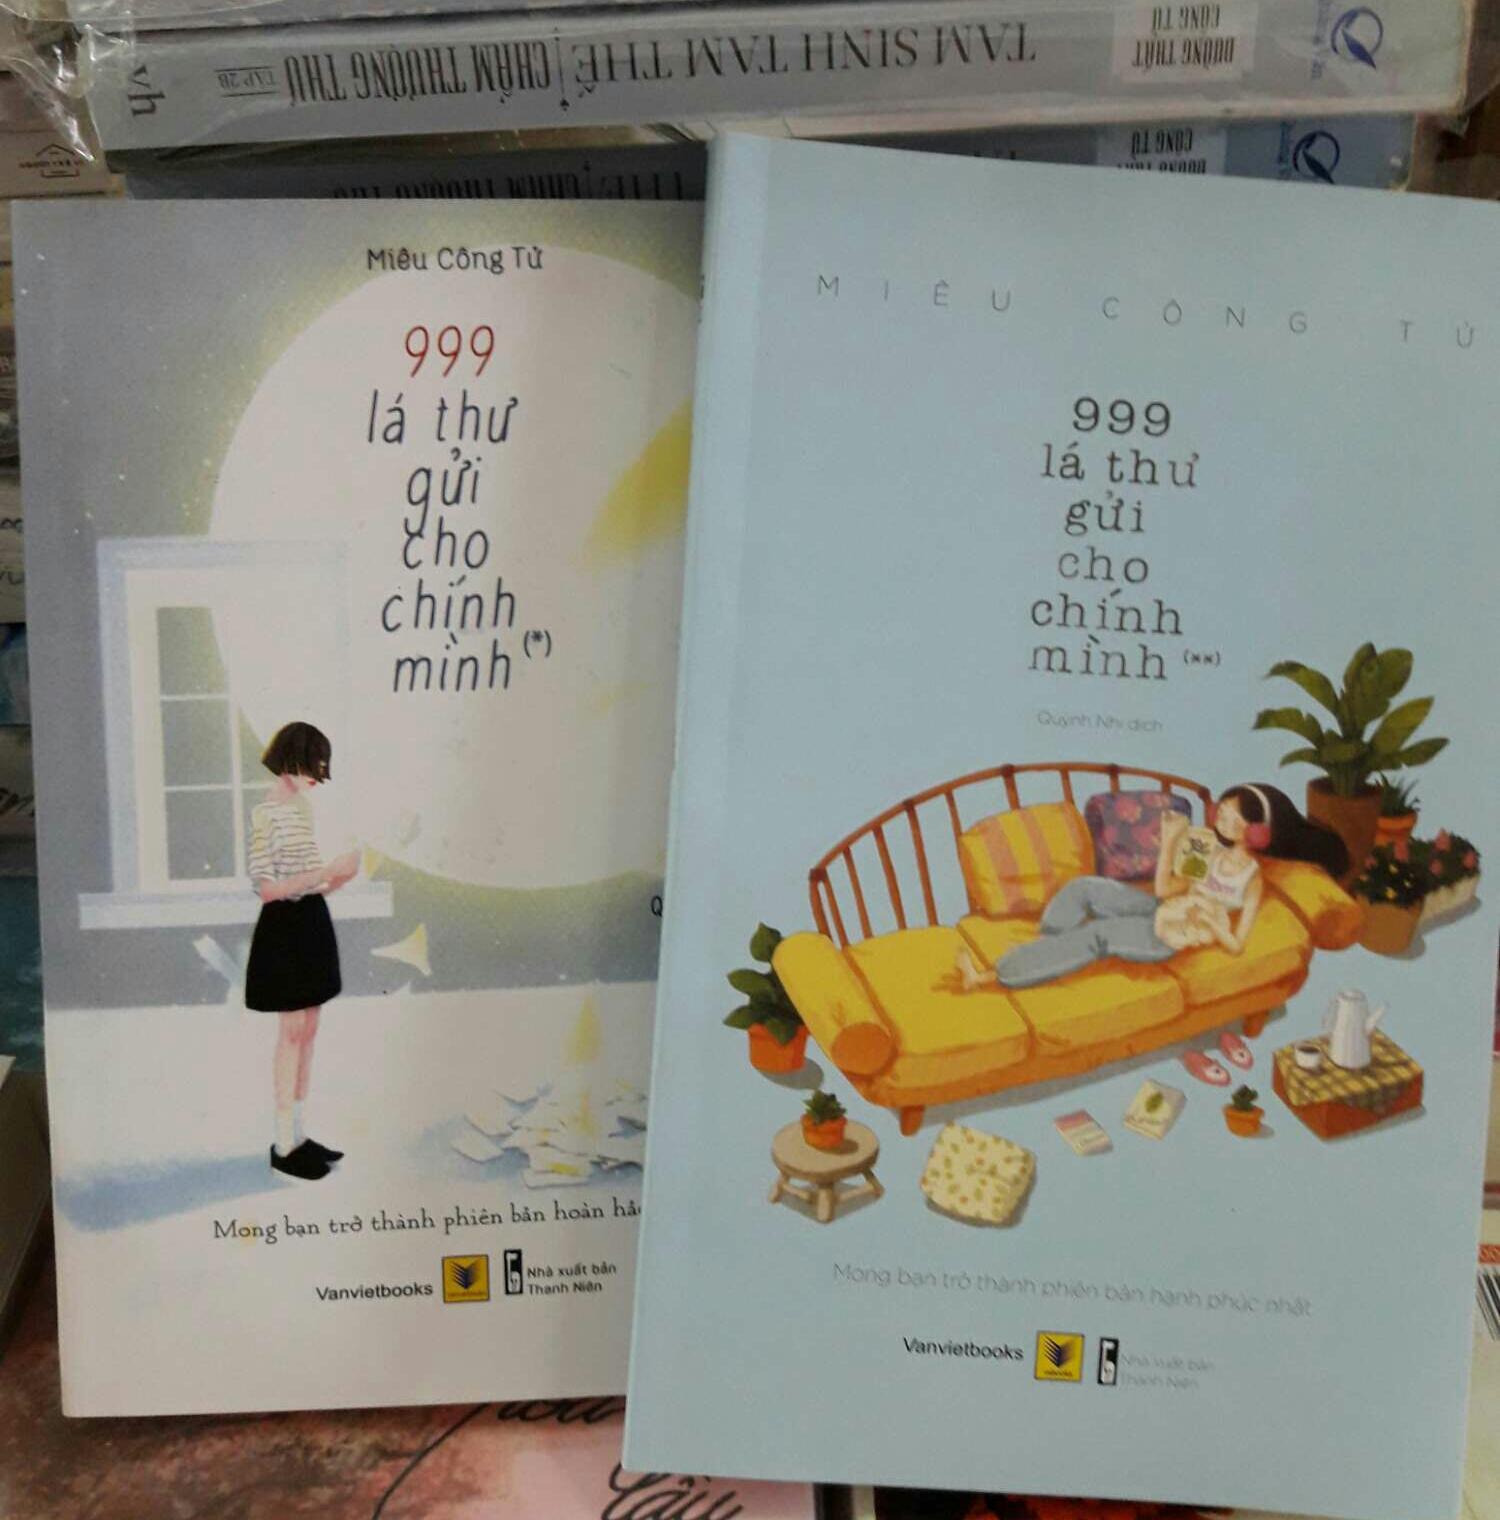 Mua Combo 2 cuốn sách: 999 lá thư gửi cho chính mình tập 1 và 2